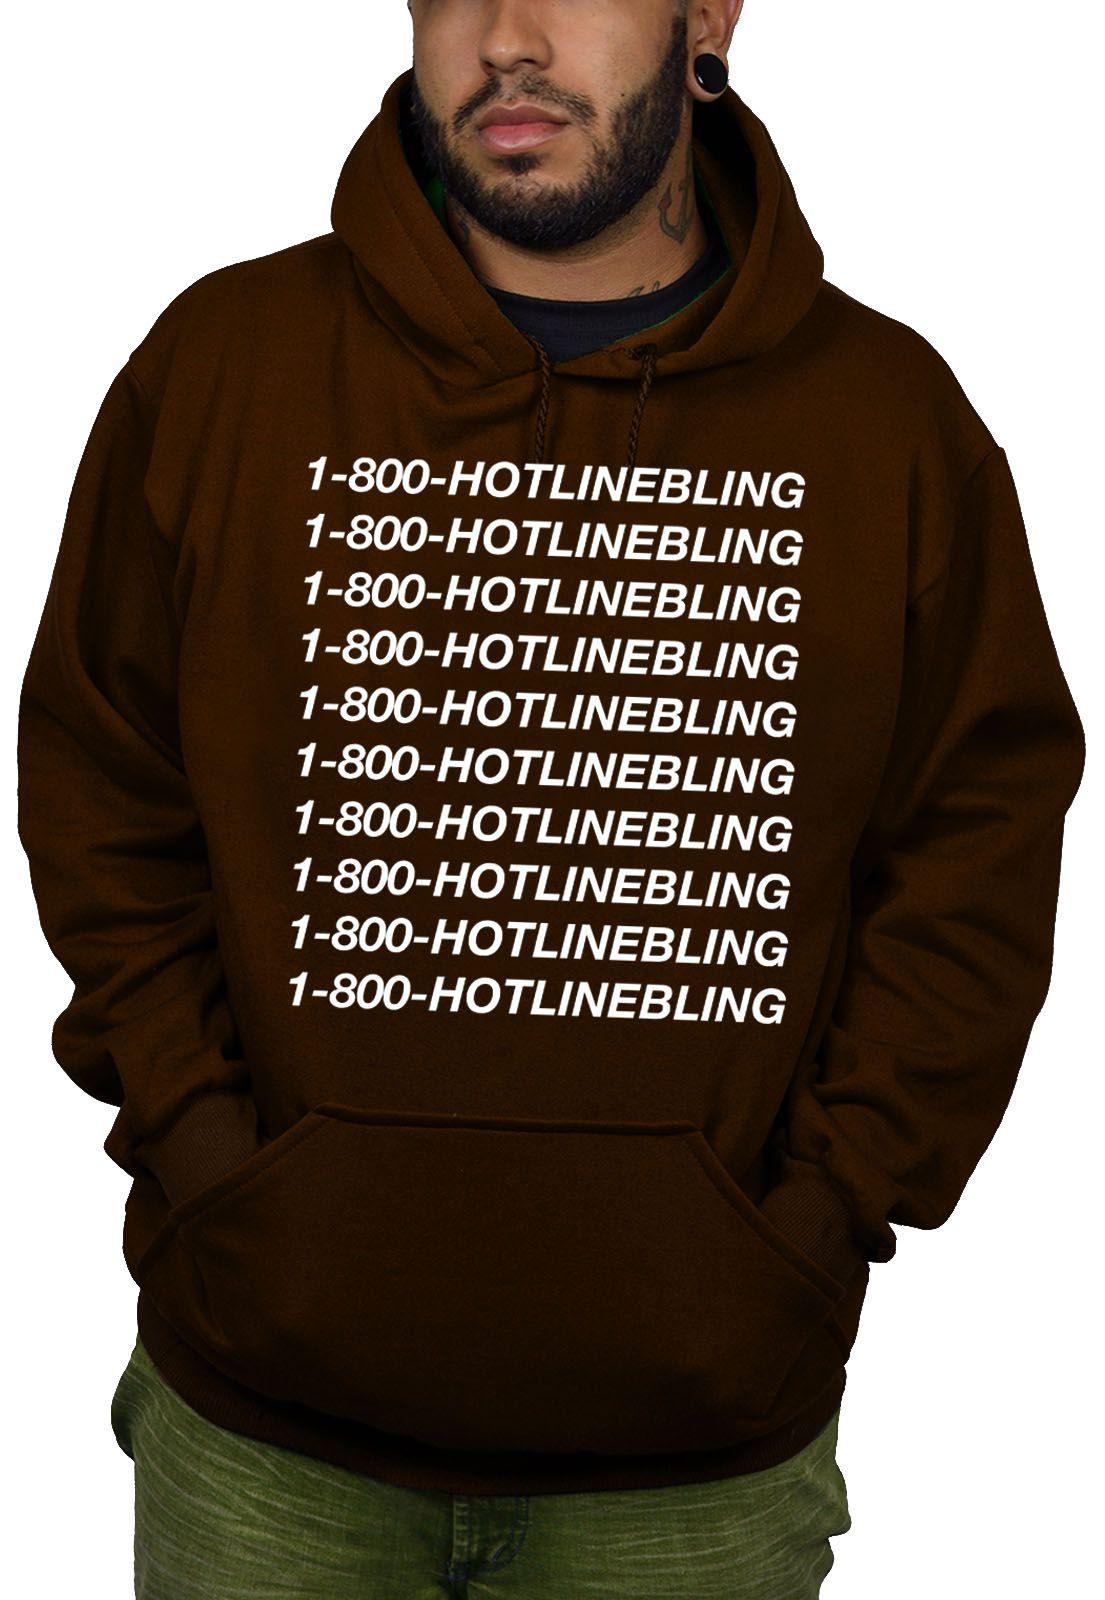 Moletom BUK Hotlinebling - Marrom  - HShop